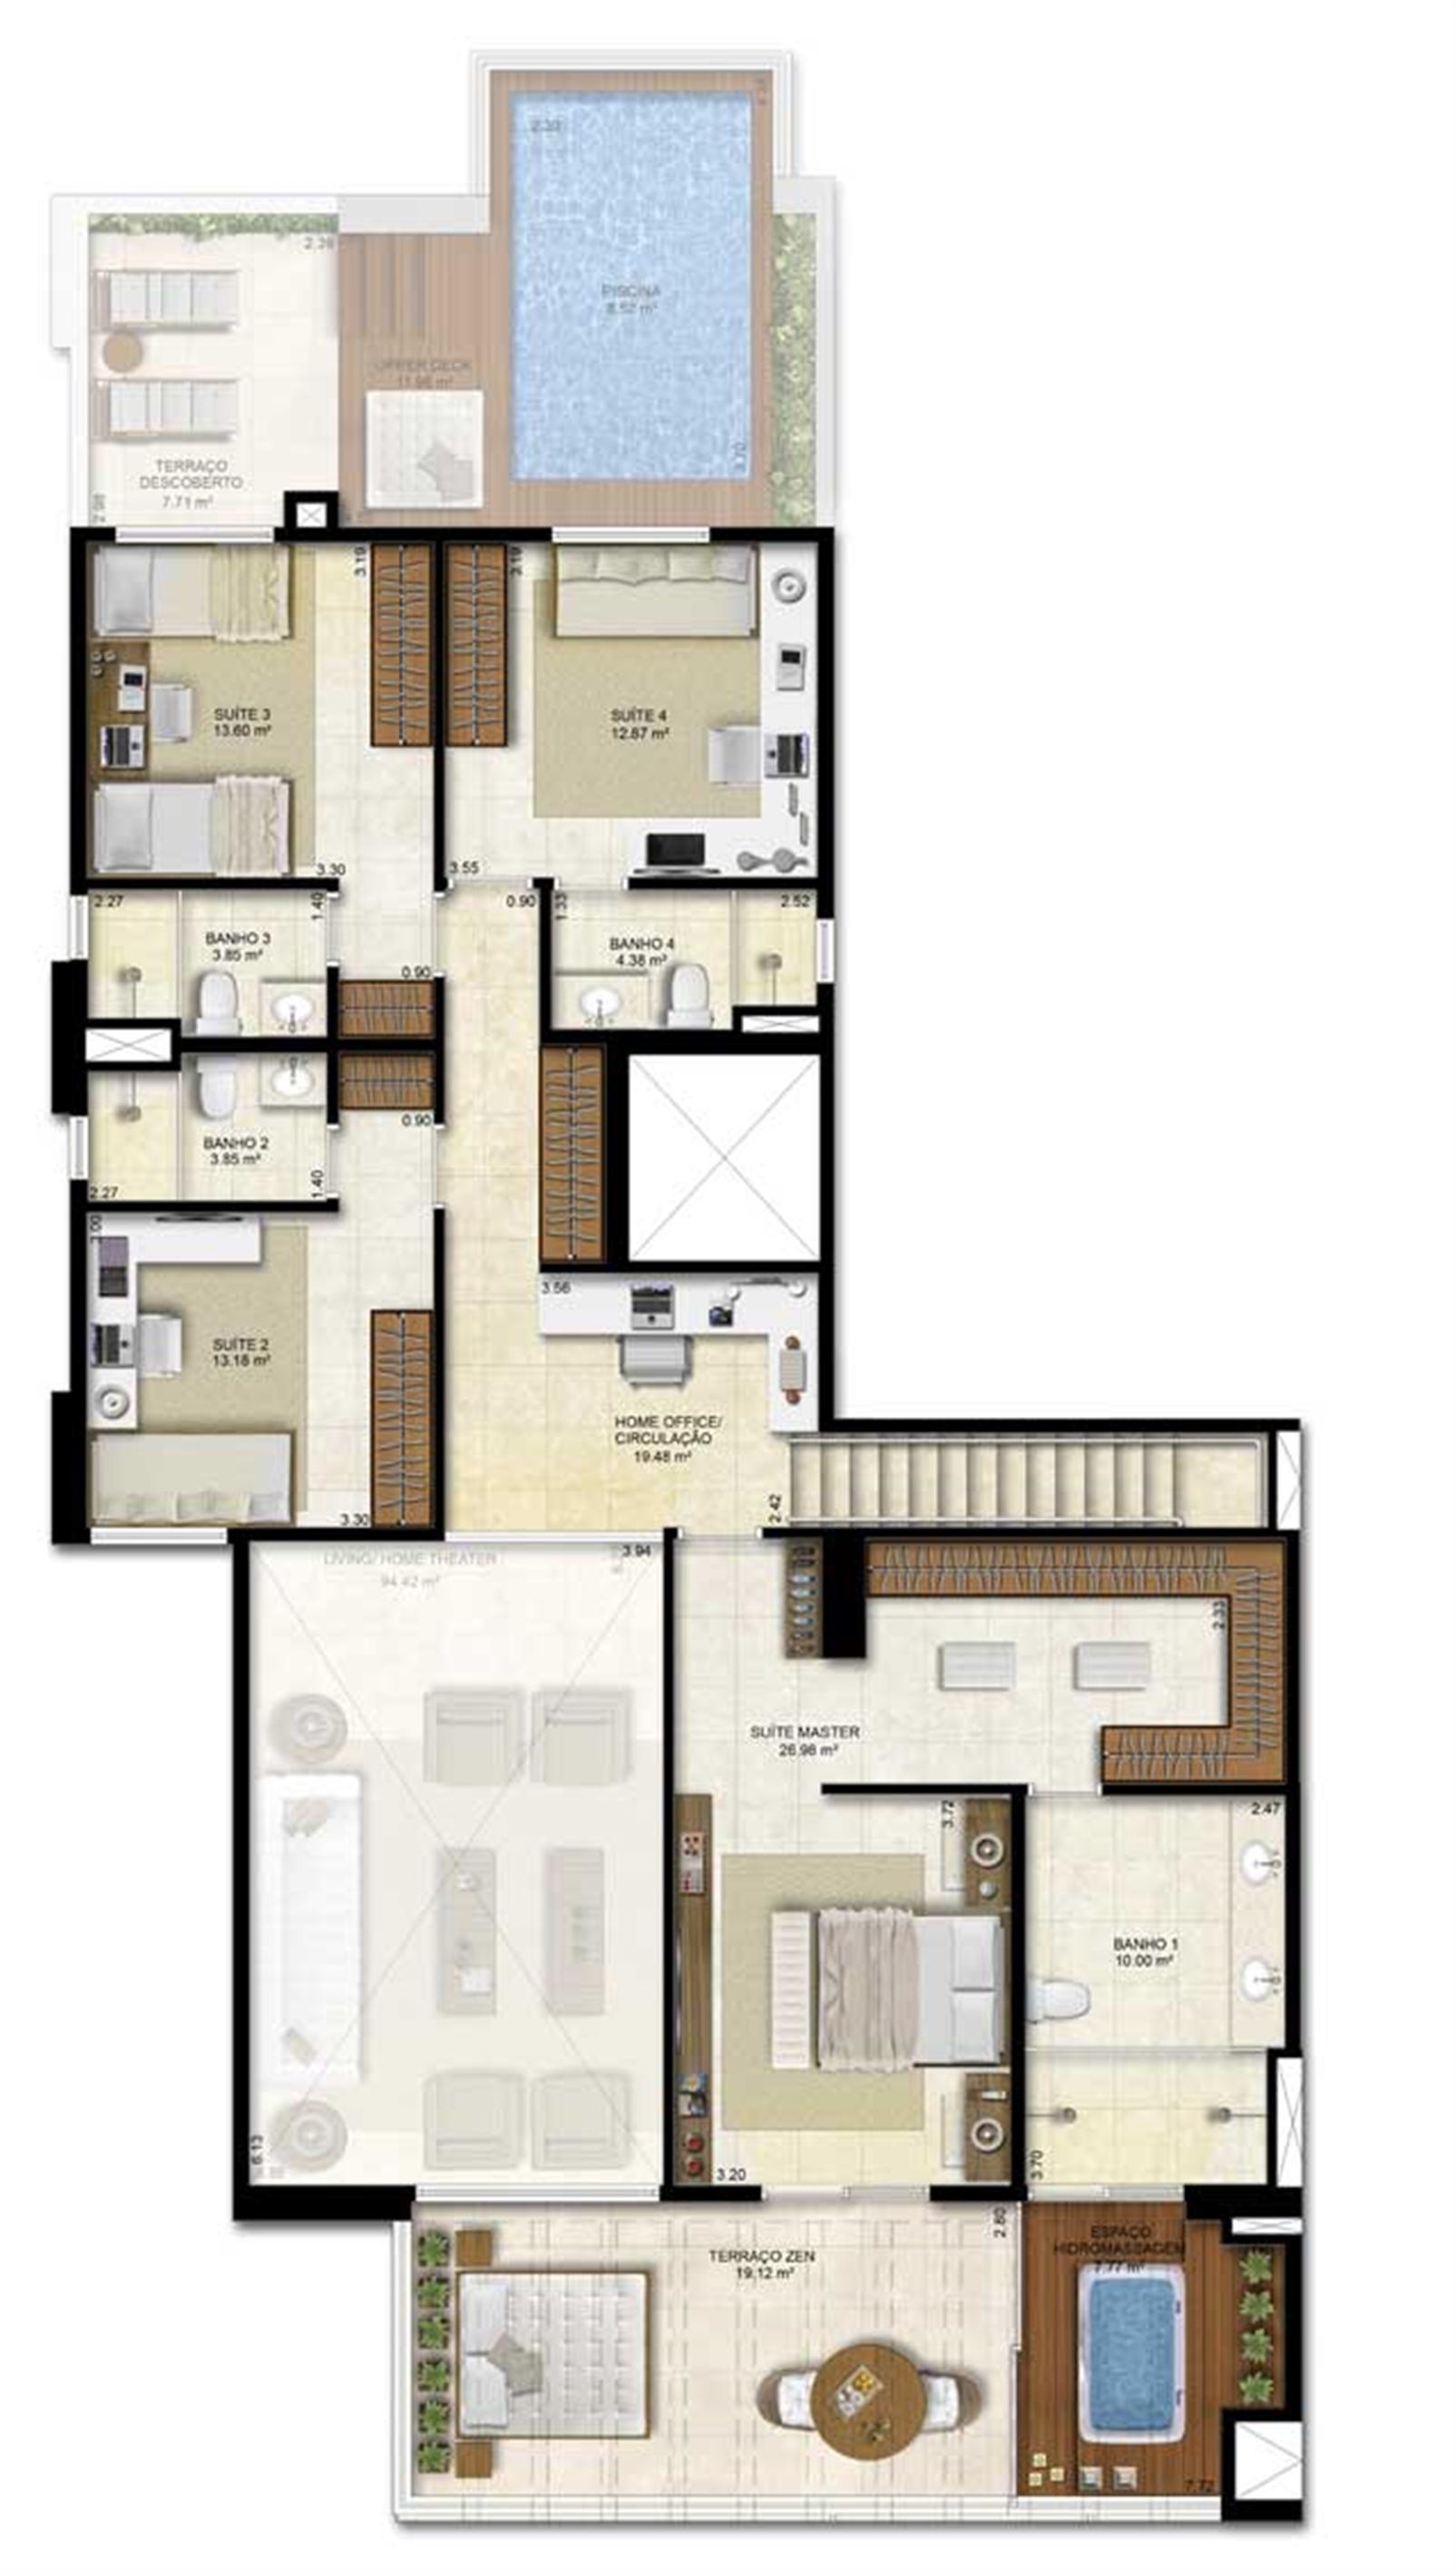 Opção 2 - duplex - 330 m² de área privativa | Vitrine Umarizal – Apartamentoem  Umarizal  - Belém - Pará